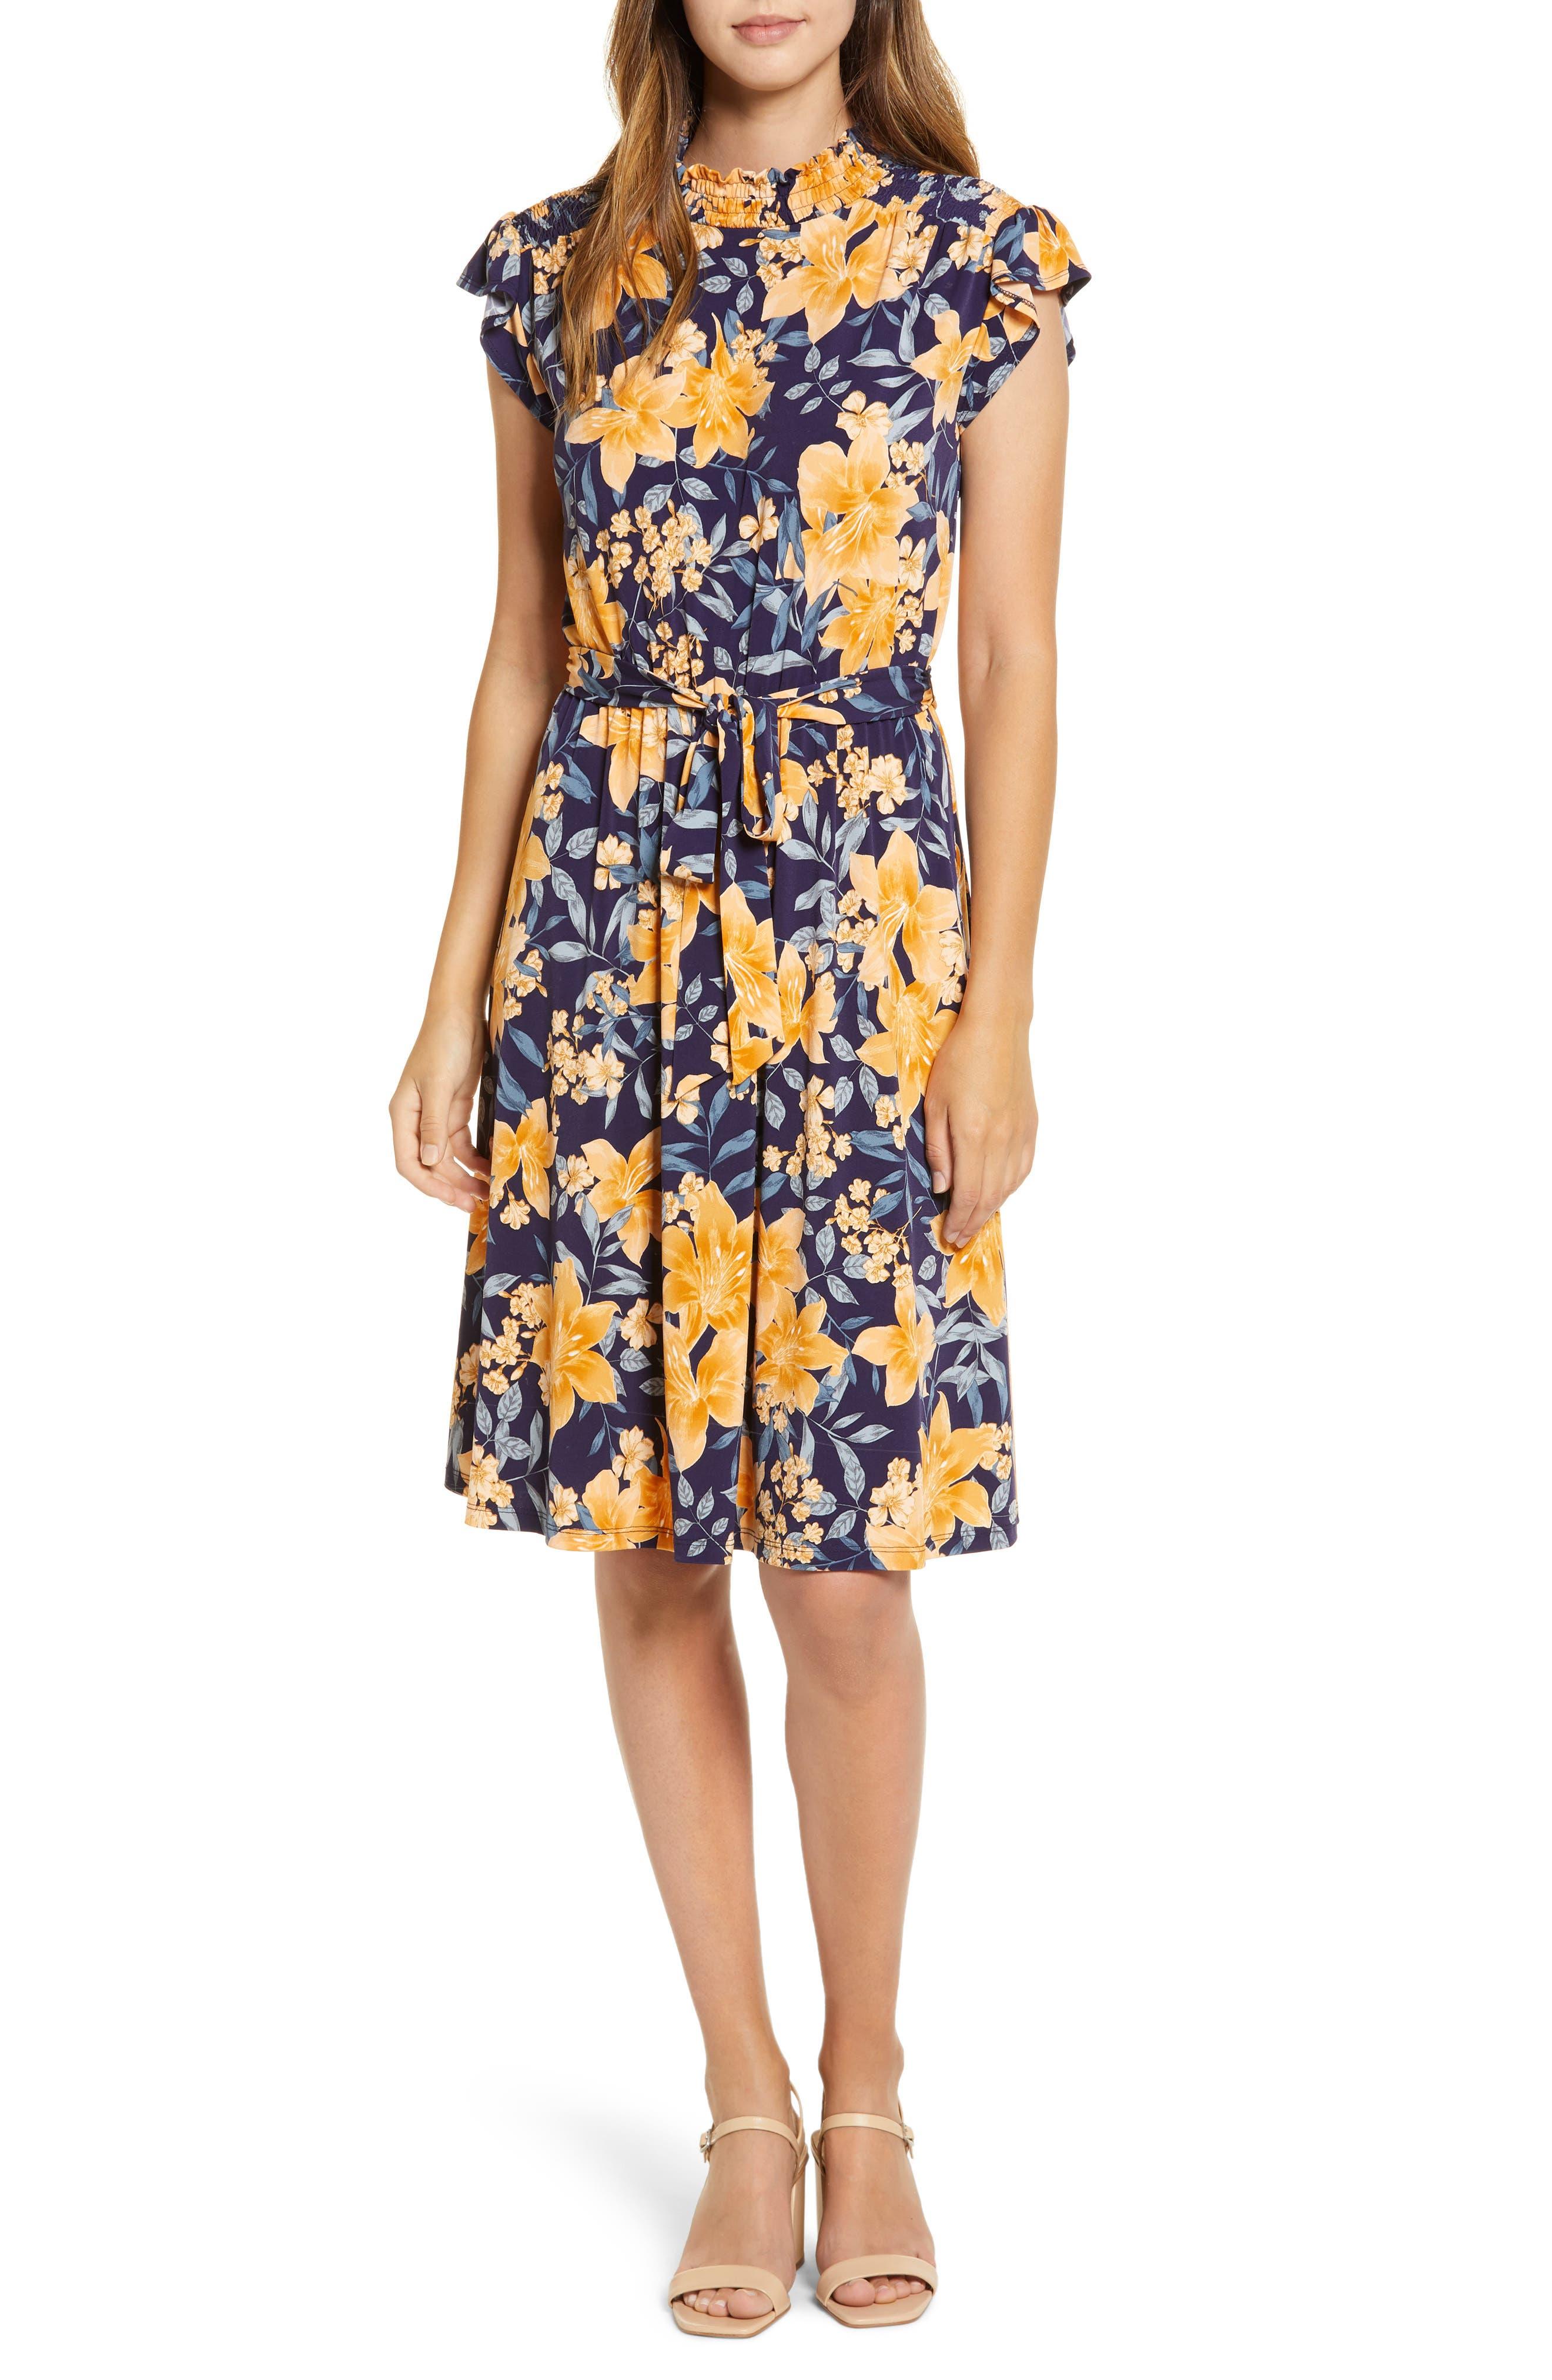 Vintage Style Dresses | Vintage Inspired Dresses Womens Maggy London Floral Print Belted A-Line Dress $69.00 AT vintagedancer.com